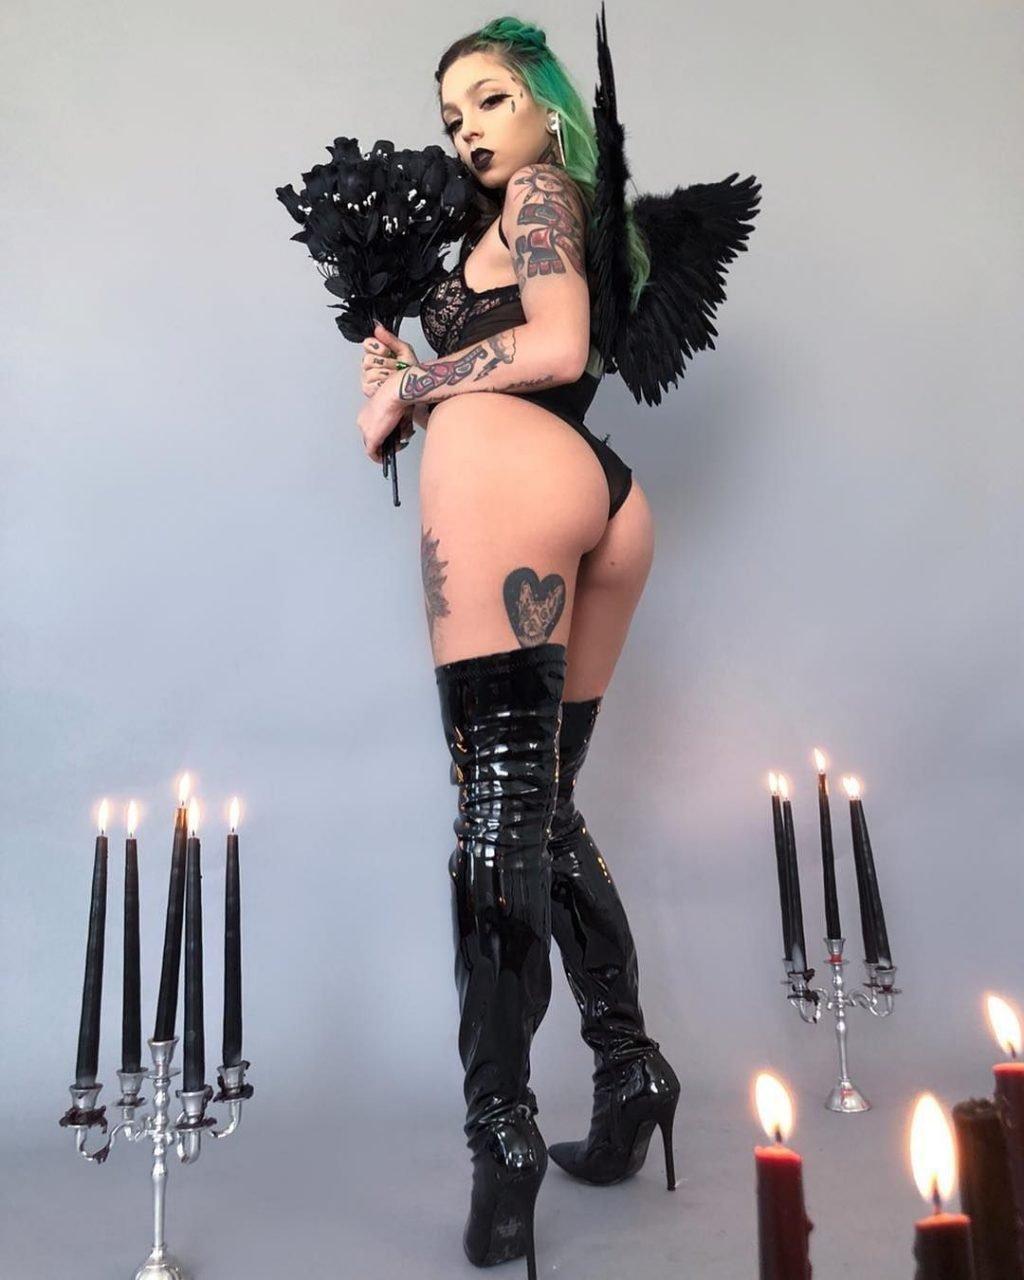 Taylor White Nude & Sexy (64 Photos + Videos)